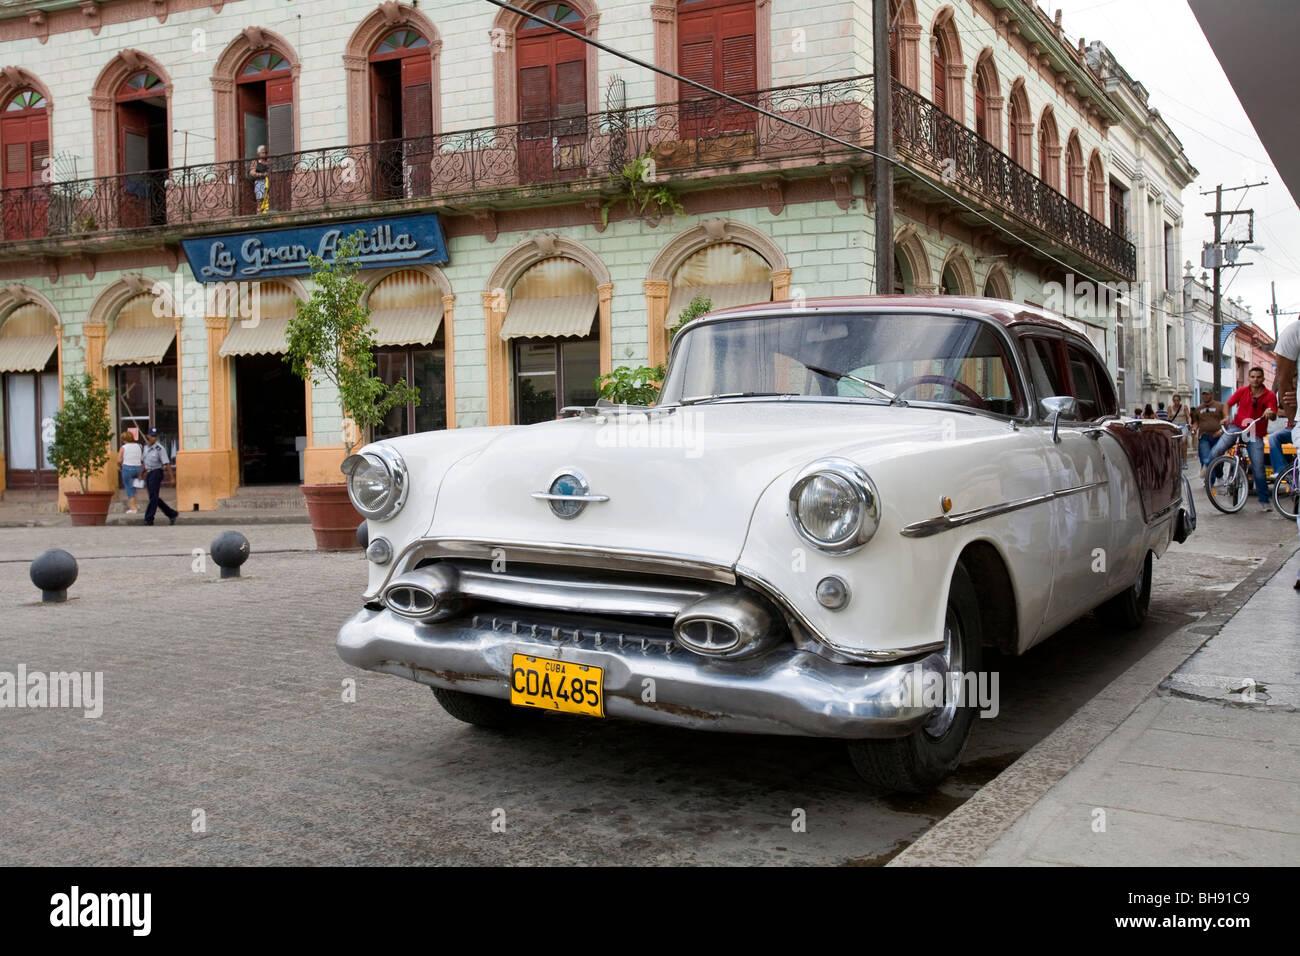 Straßenszene mit alten Limousine, Camagueey, Karibisches Meer, Kuba Stockbild